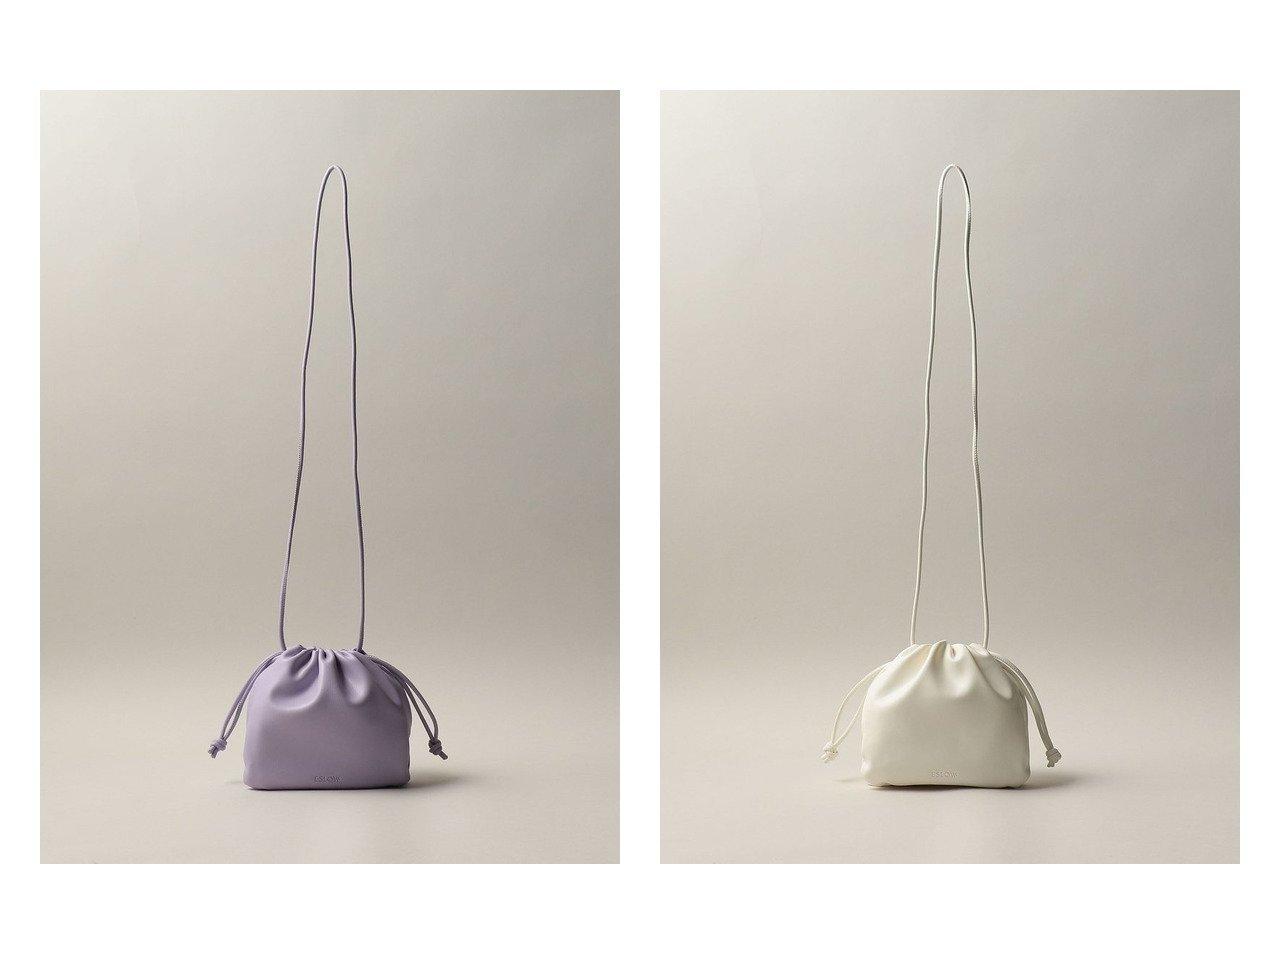 【Odette e Odile/オデット エ オディール】のESLOW(エスロー) DRAWSTRING BAG 【バッグ・鞄】おすすめ!人気、トレンド・レディースファッションの通販  おすすめで人気の流行・トレンド、ファッションの通販商品 インテリア・家具・メンズファッション・キッズファッション・レディースファッション・服の通販 founy(ファニー) https://founy.com/ ファッション Fashion レディースファッション WOMEN バッグ Bag A/W・秋冬 AW・Autumn/Winter・FW・Fall-Winter フォルム ラップ 巾着  ID:crp329100000062330